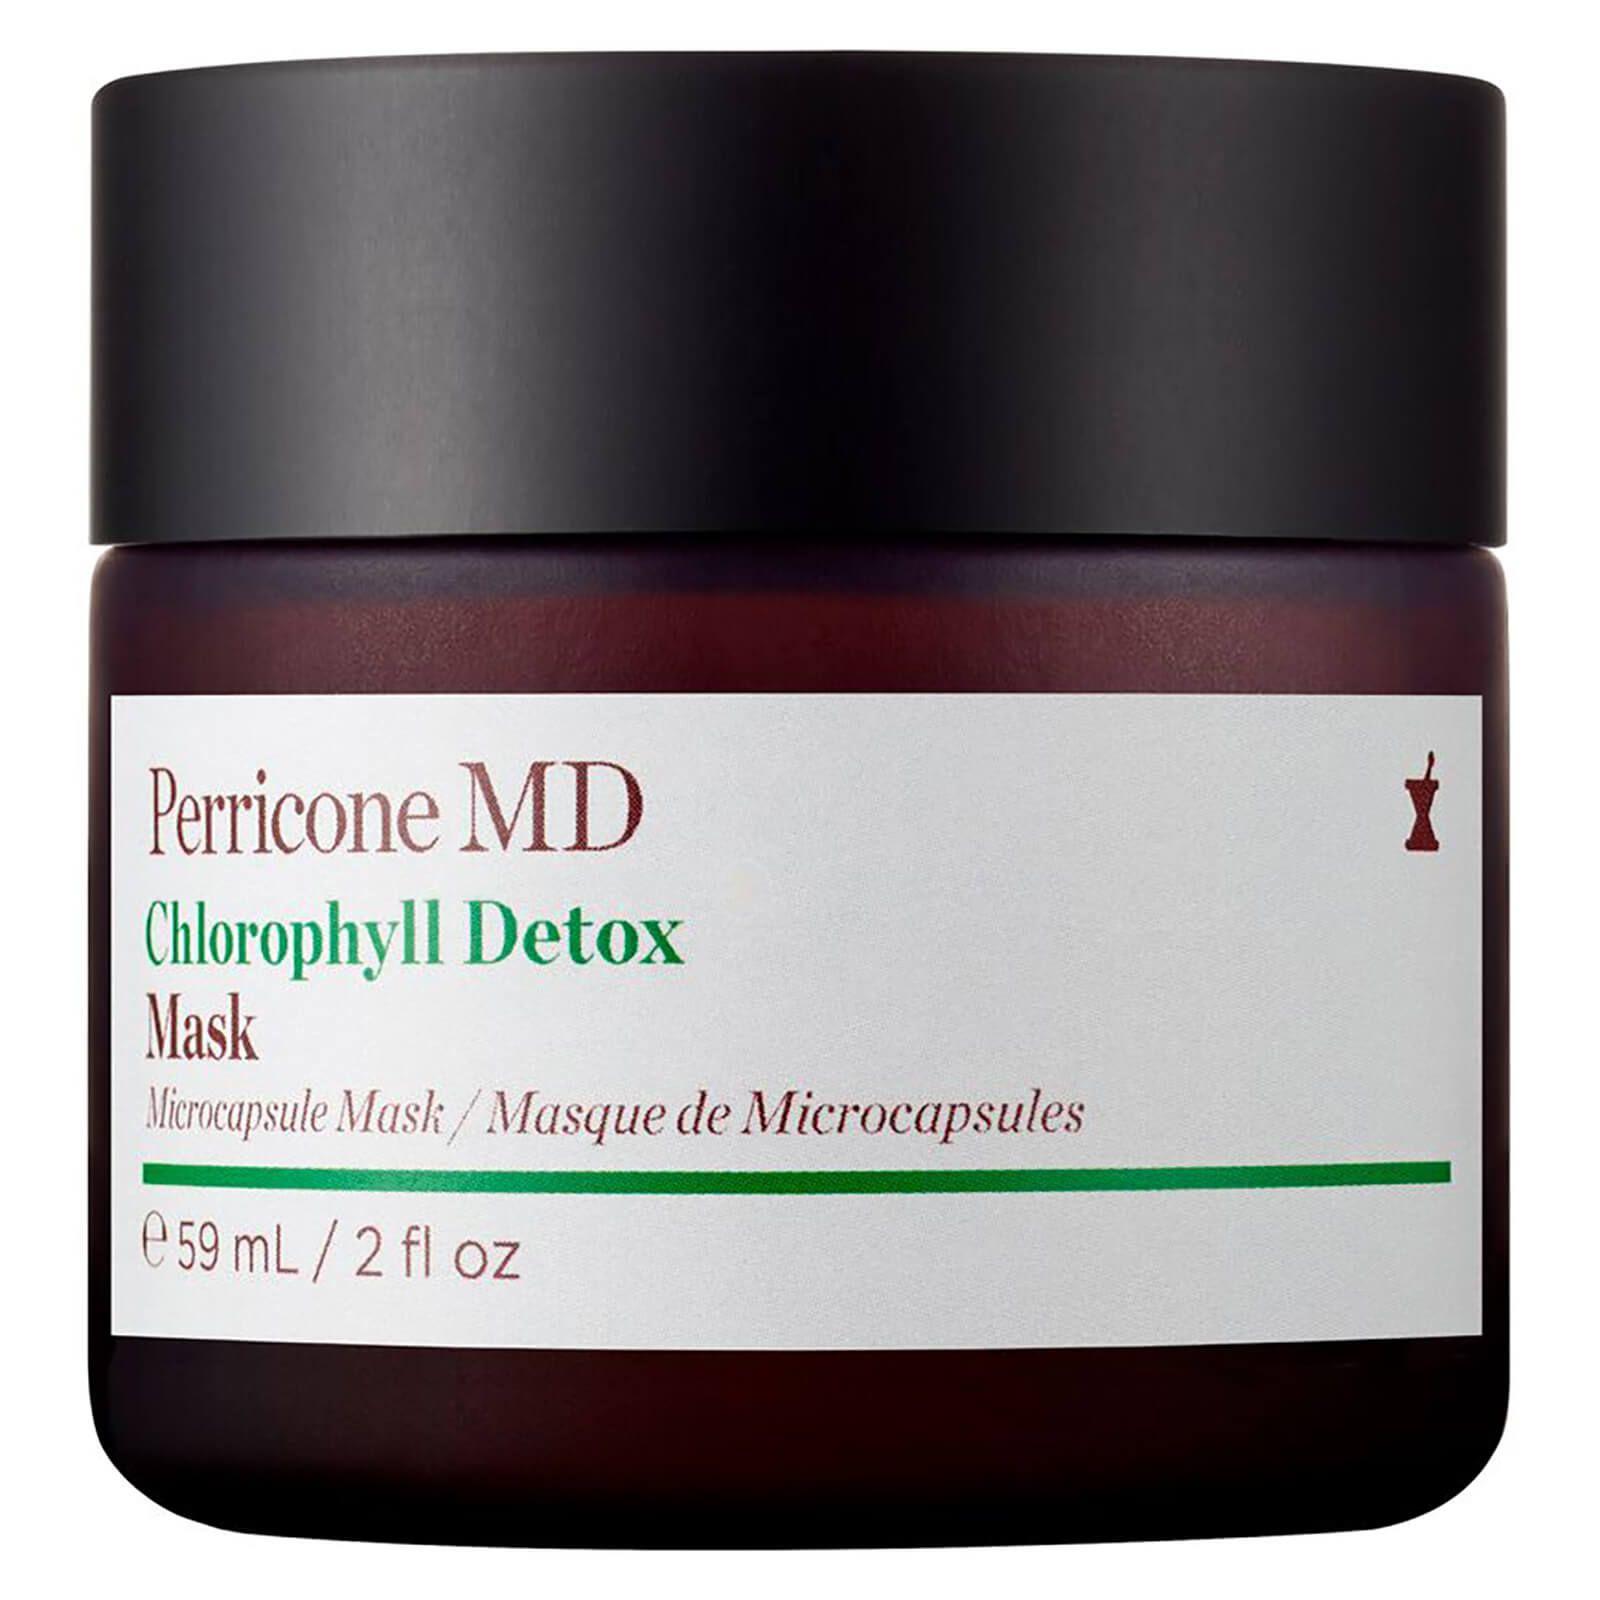 Perricone MD Chlorophyll Detox